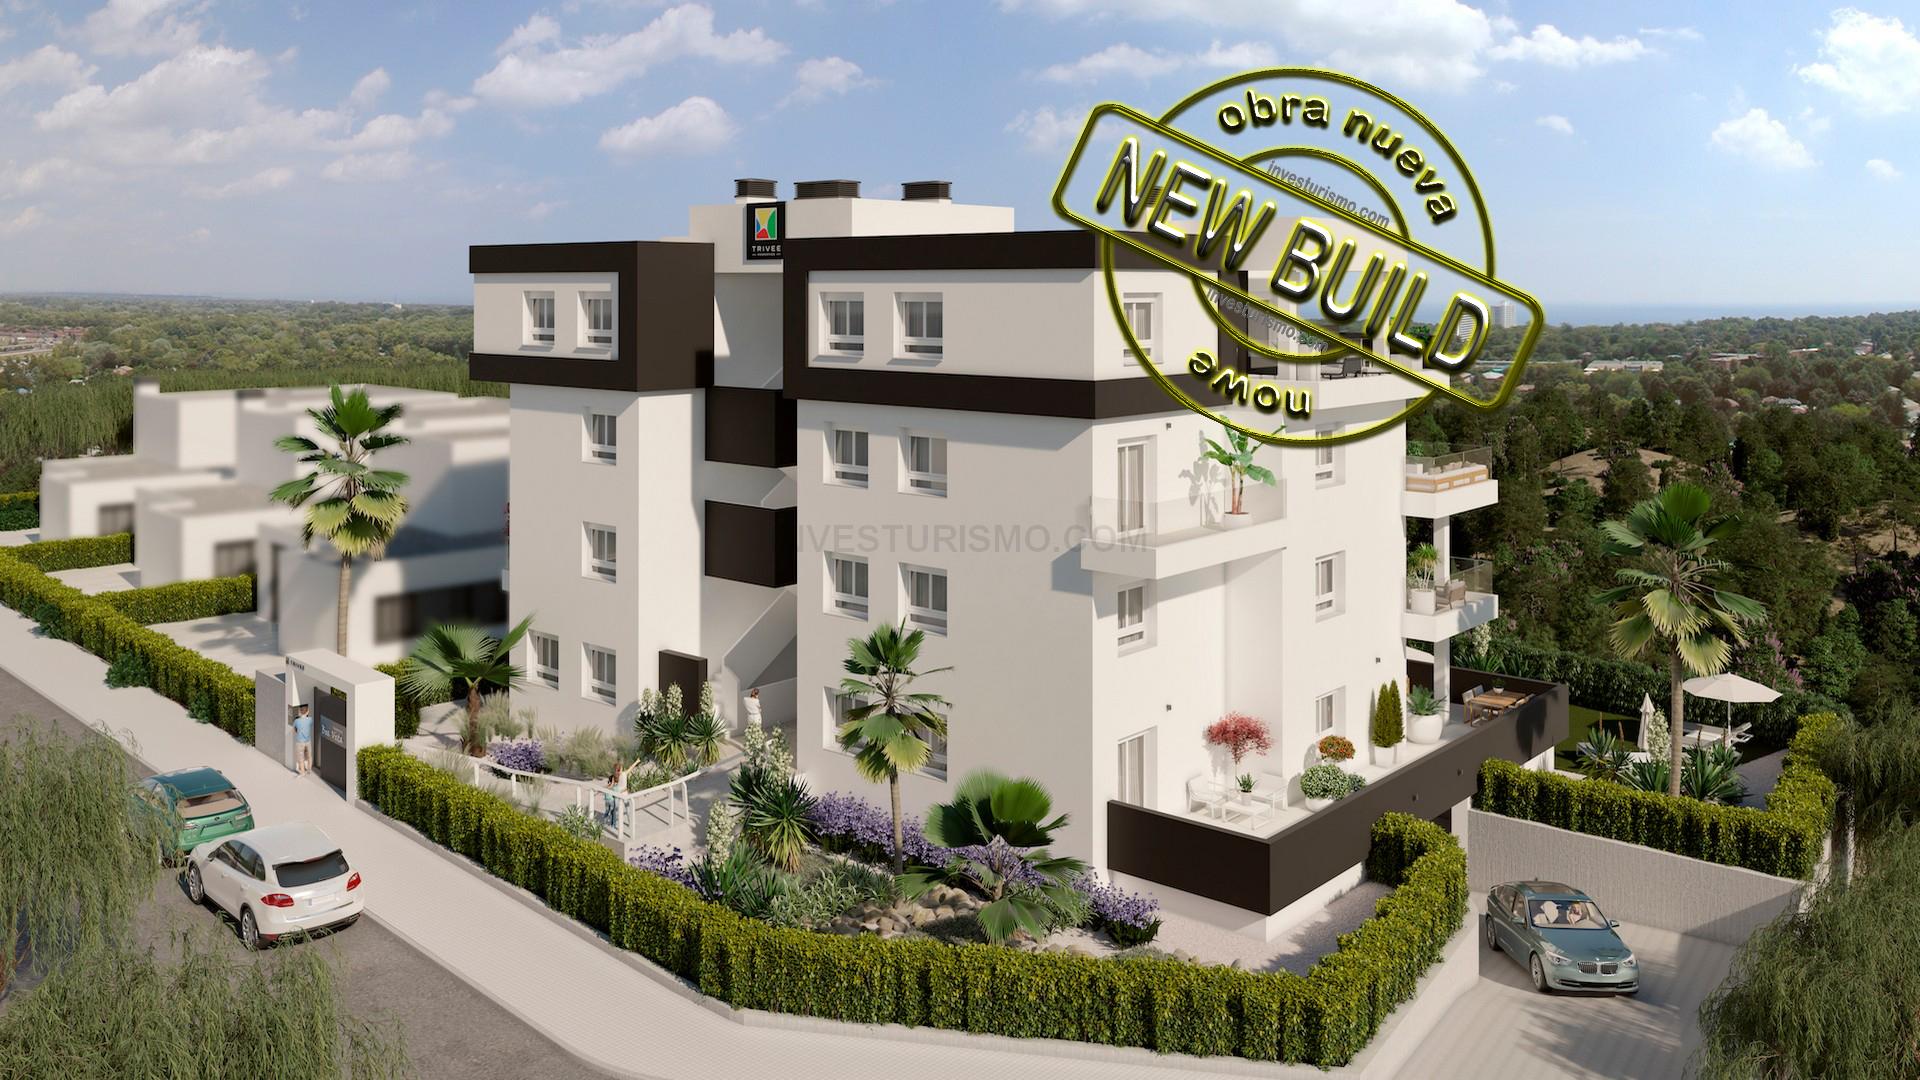 New build apartments 2-3 bedrooms in Orihuela Costa